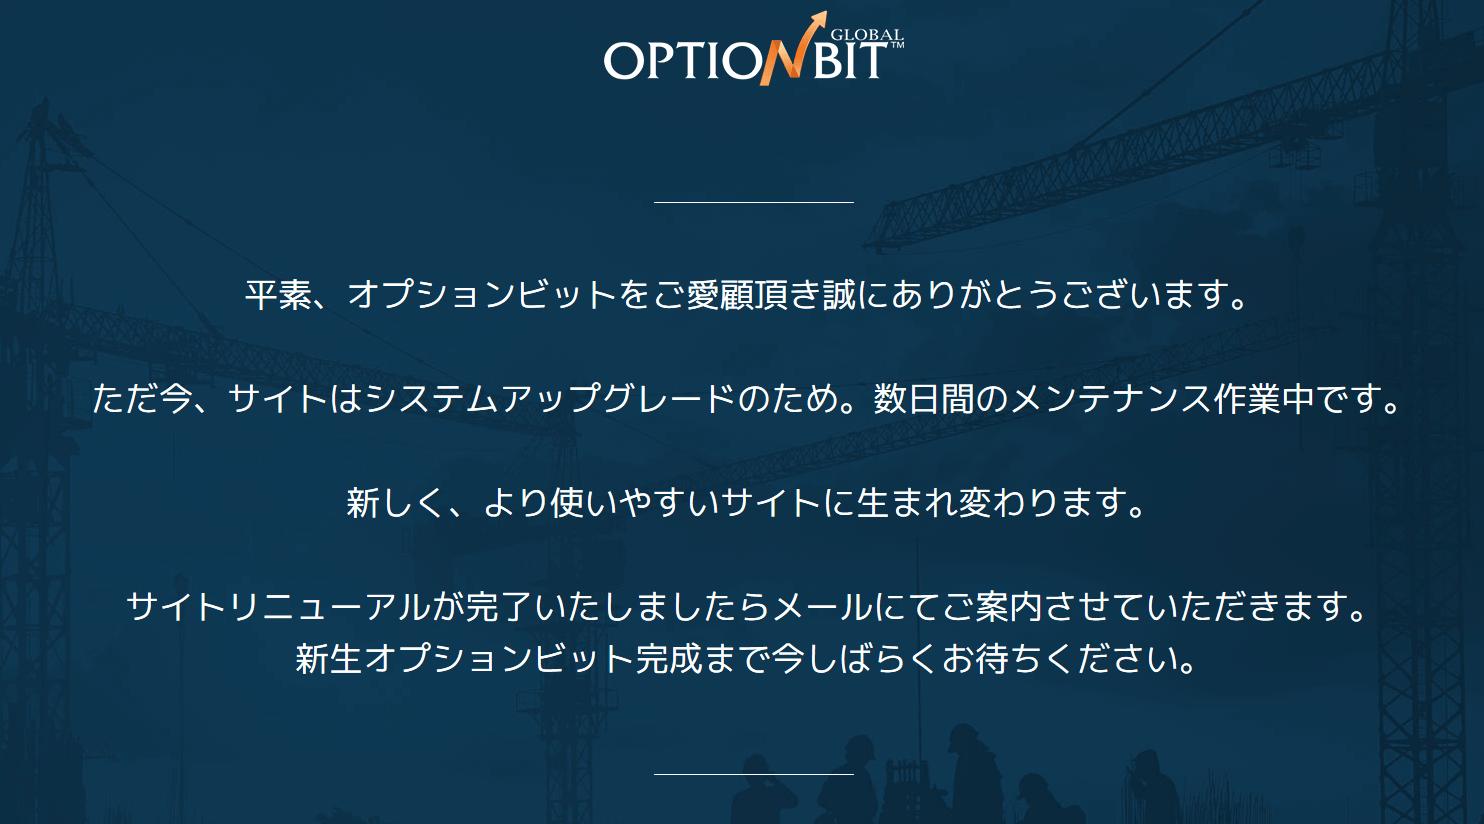 オプションビットメンテナンス画面